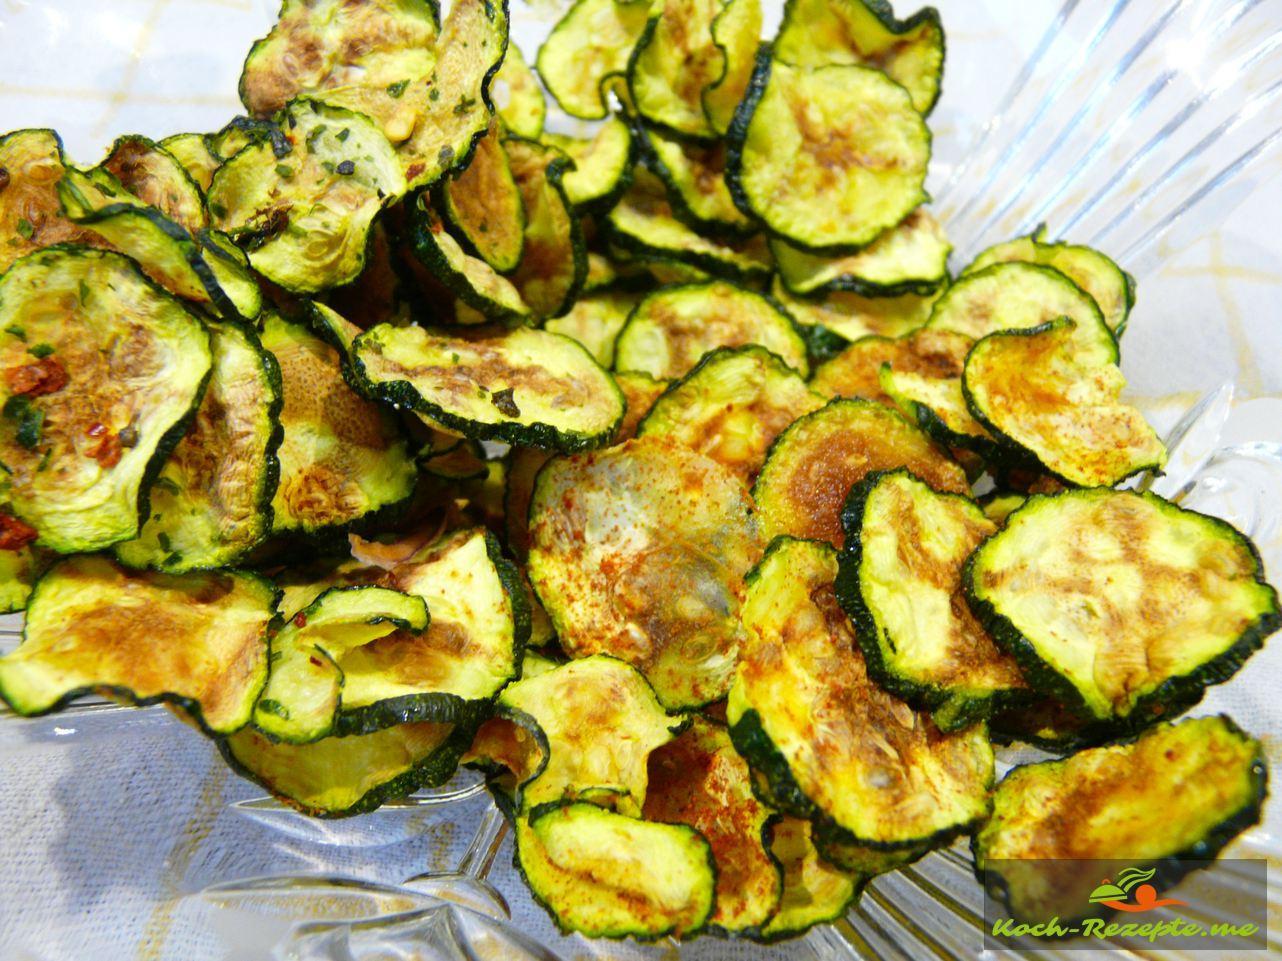 Zucchini-Chips selber gemacht  im Backofen oder Mikrowelle, lecker und leicht auch zur Zucchinisuppe mit Ingwer zu servieren